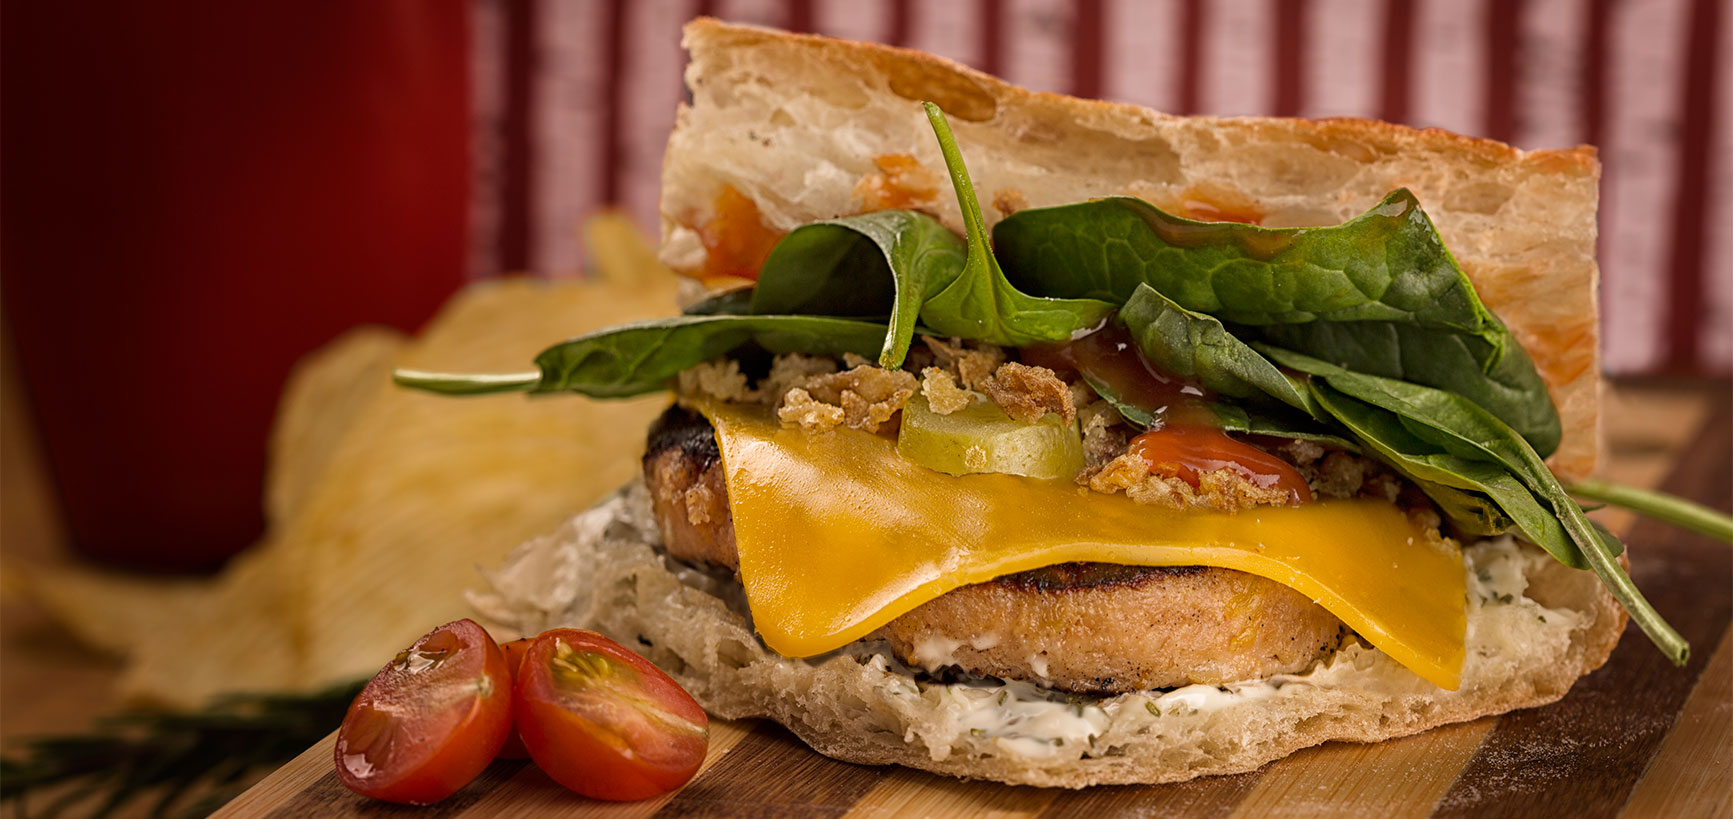 fotografía comida hamburguesa especial